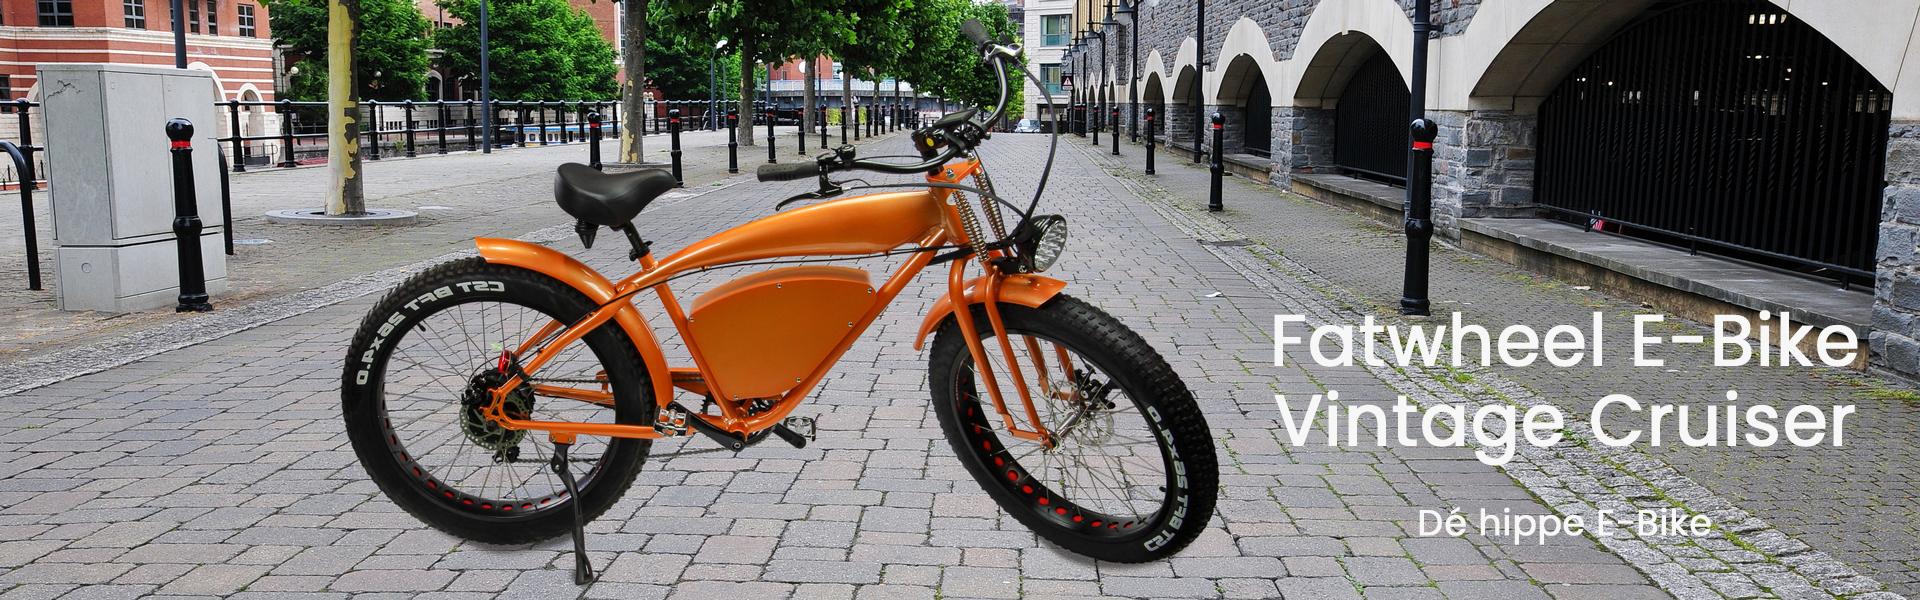 Fat Wheel Cruiser E-bike